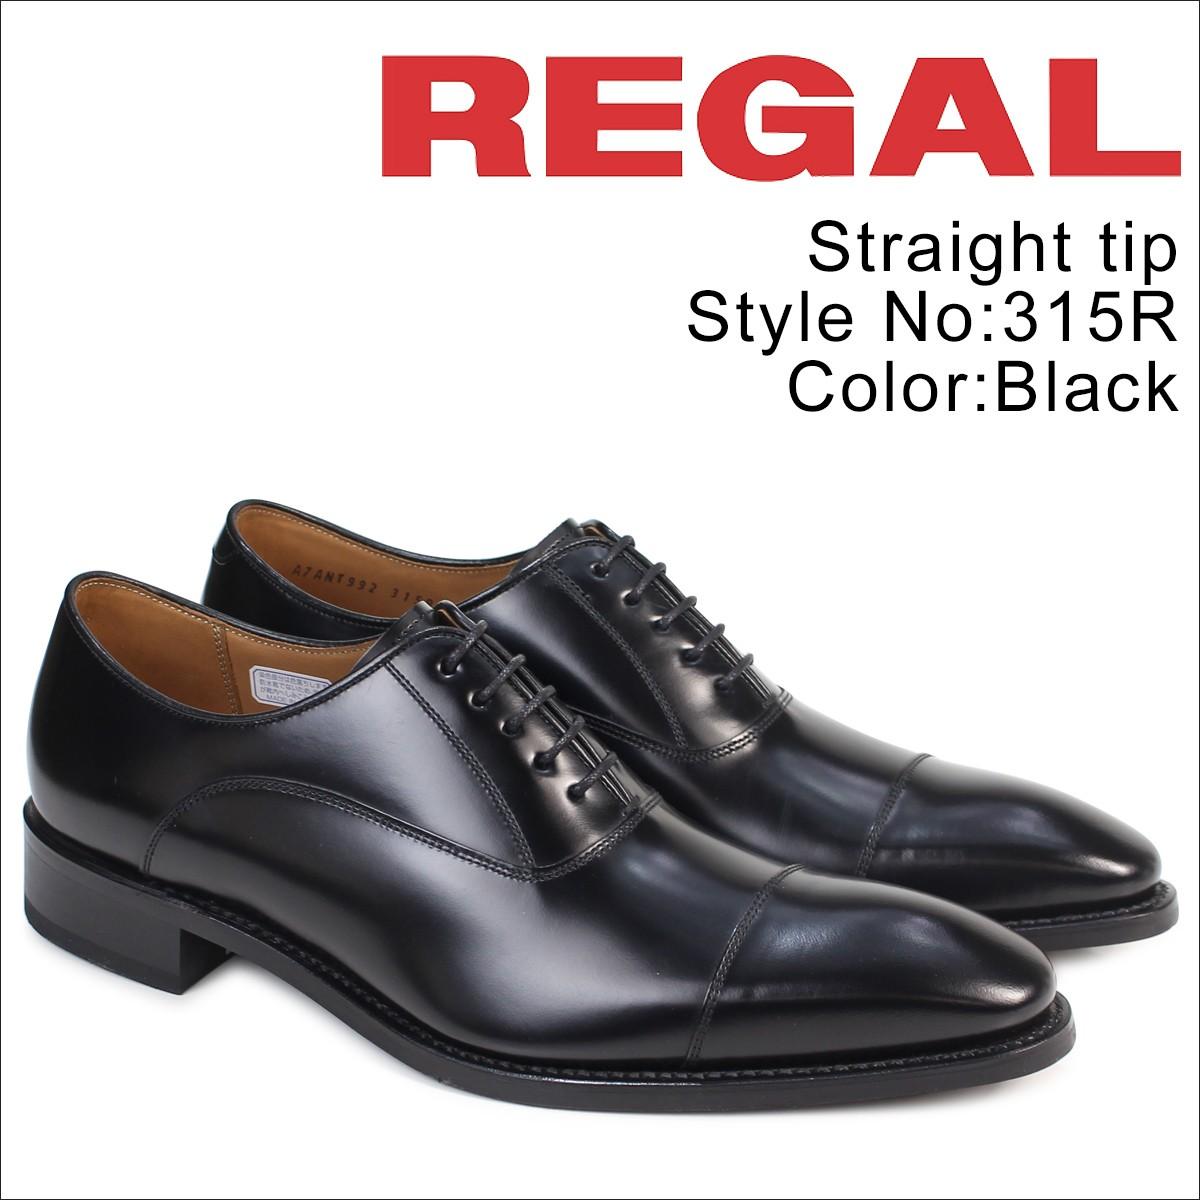 リーガル 靴 メンズ REGAL ストレートチップ 315RBD ビジネスシューズ 日本製 ブラック [12/26 追加入荷]